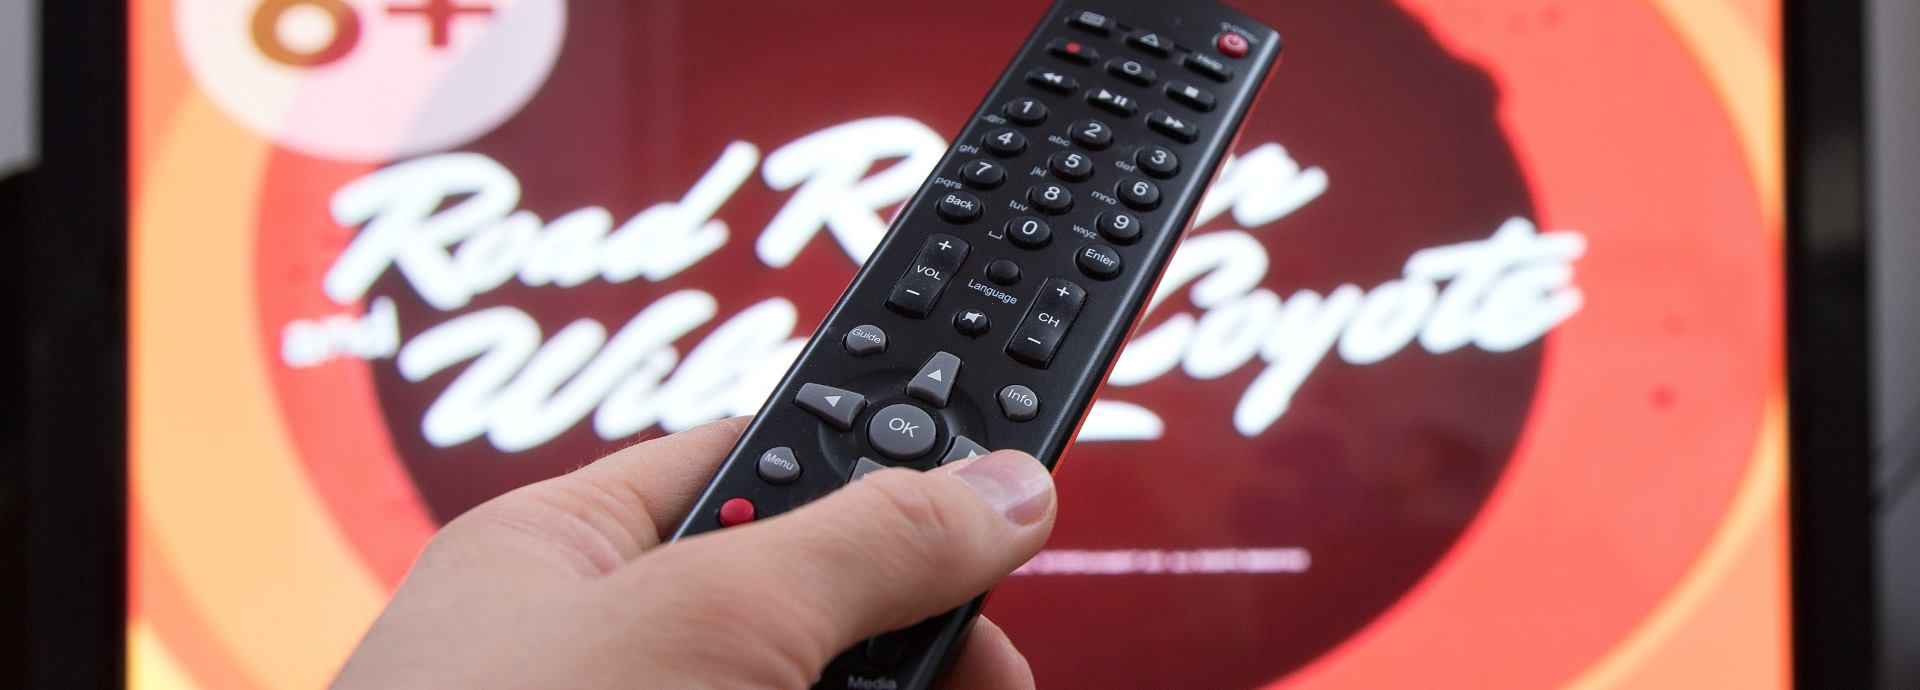 LOŠA NAVIKA Hrvati gledaju televiziju više od šest sati dnevno